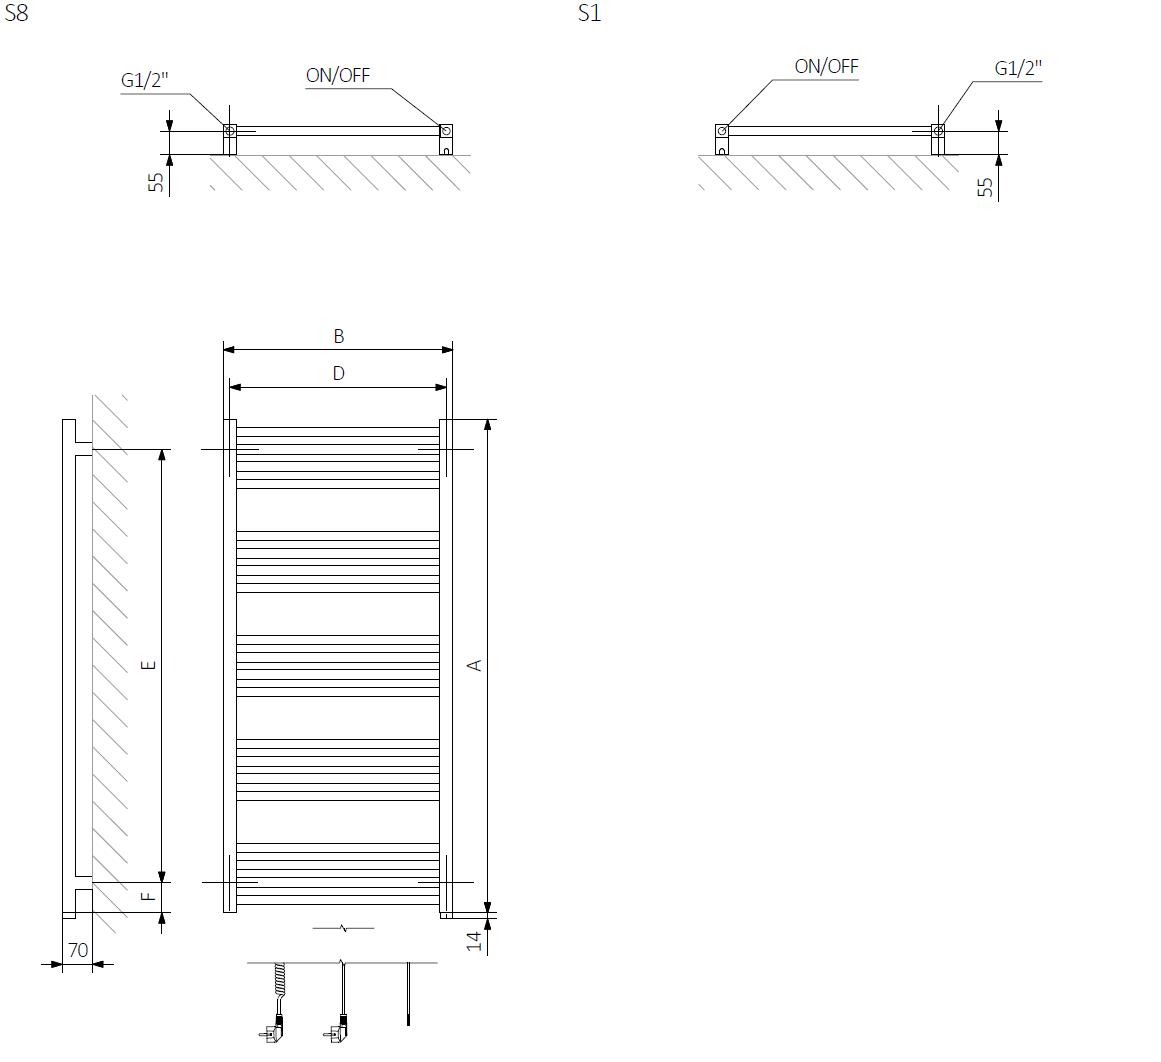 A - Výška B - Šířka C1-C5 - Vzdálenost mezi přípojkami D - Vzdálenost mezi držáky ve vodorovném směru E - Vzdálenost vertikálních prvků ve svislé poloze F - Vzdálenost od spodní osy spojovacích prvků ke spodnímu okraji kolektoru